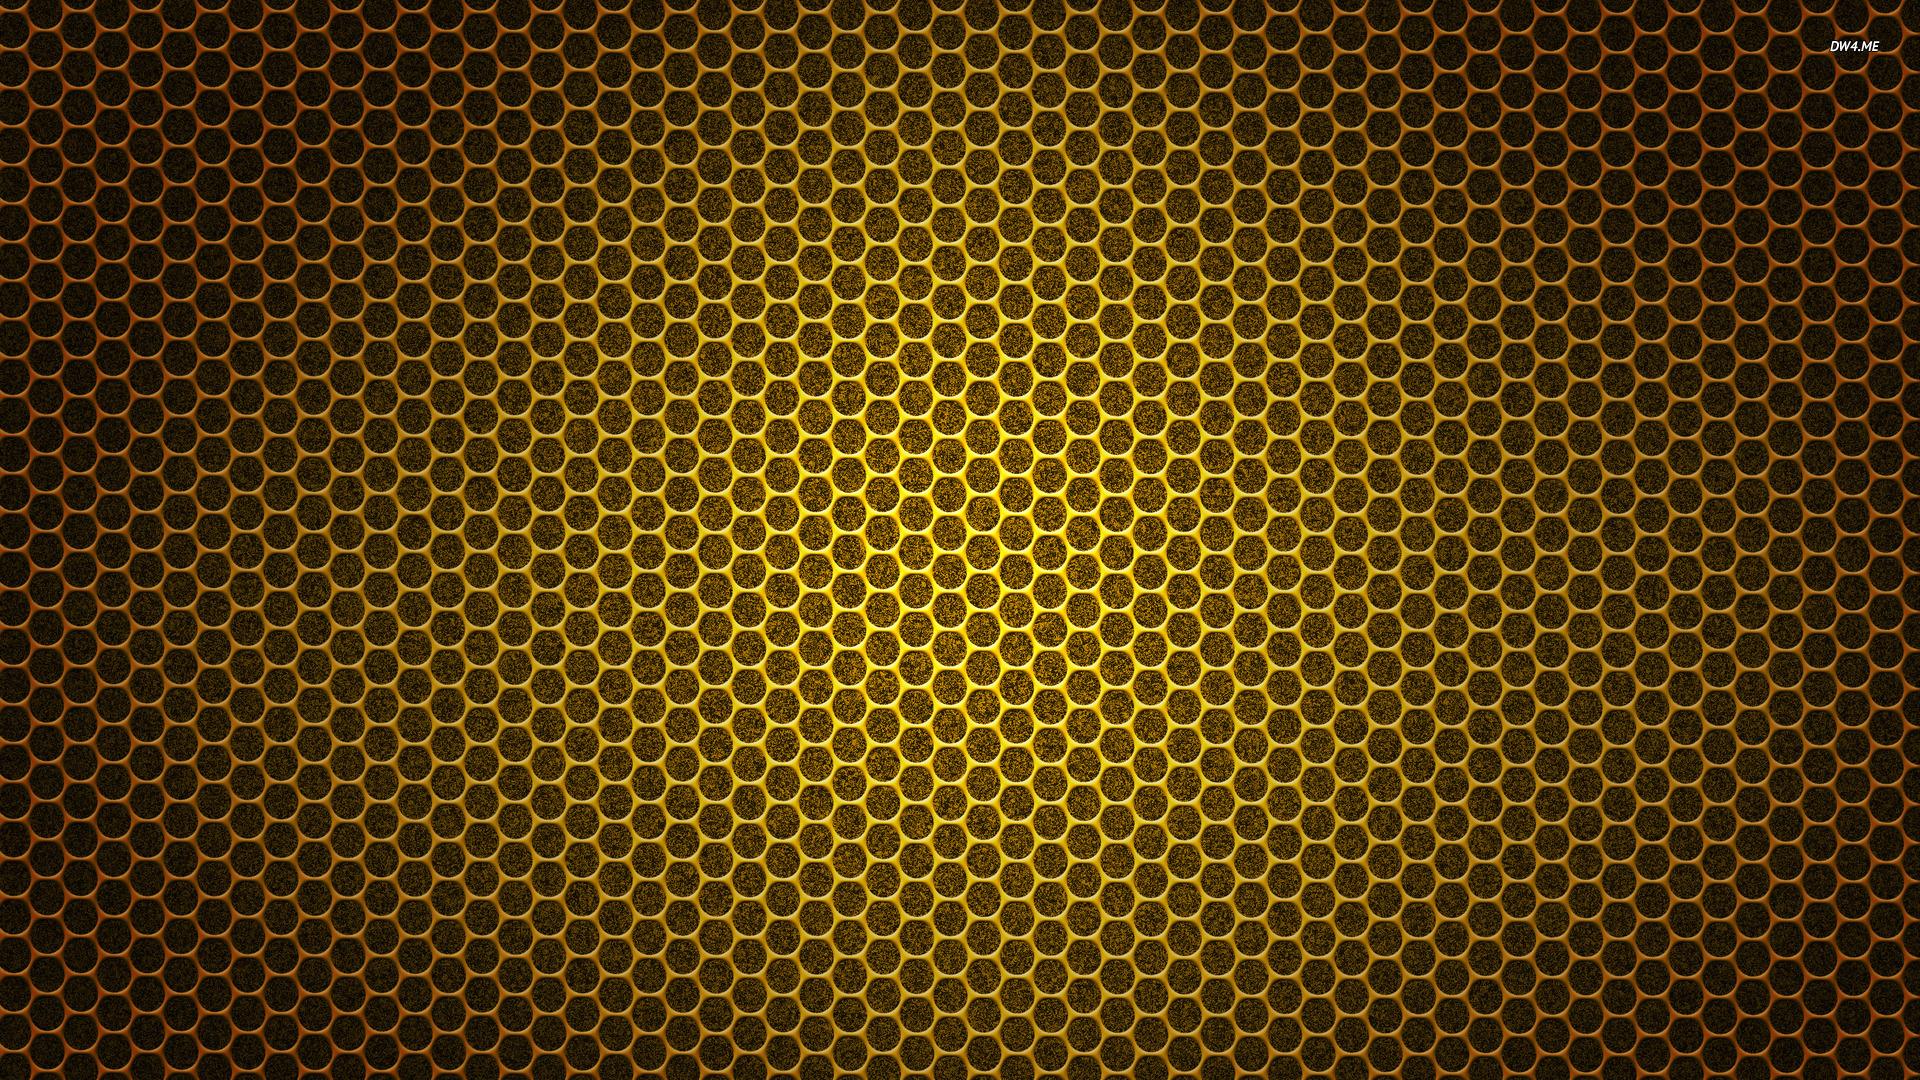 Golden mesh wallpaper   800384 1920x1080